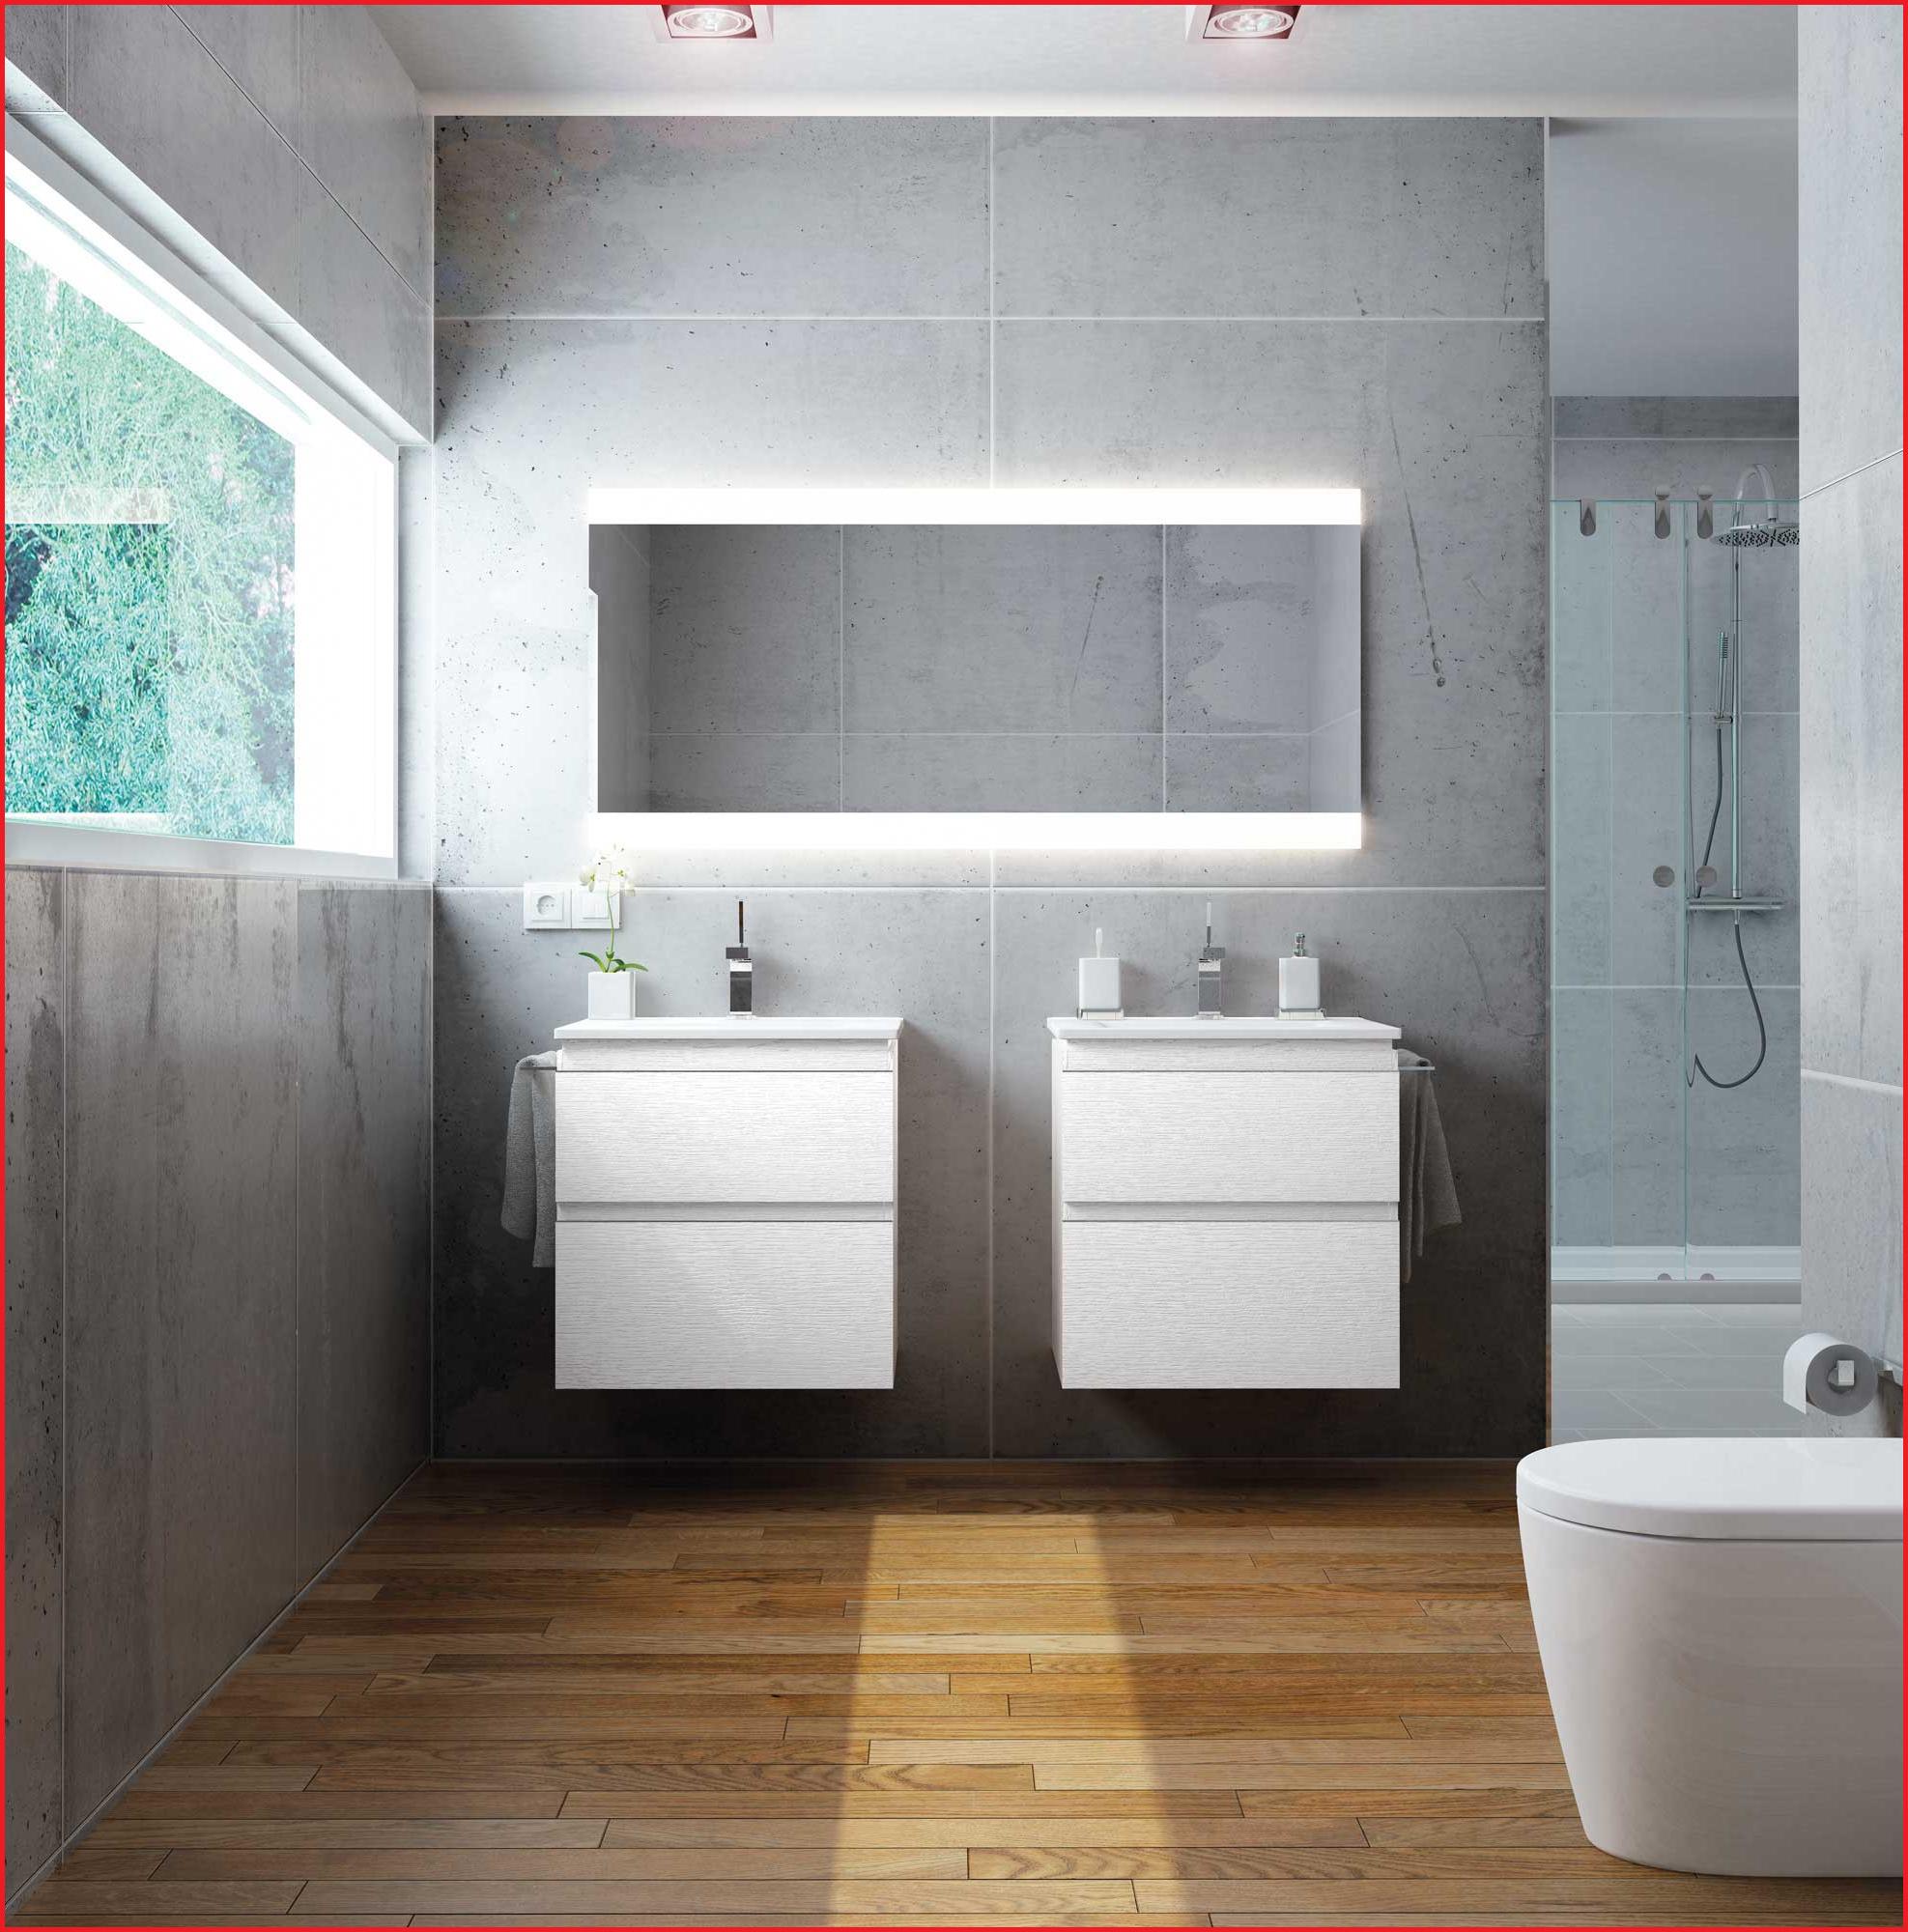 Muebles Para El Baño X8d1 Muebles Para El Baà O Muebles Para El BaO Encantador Banos